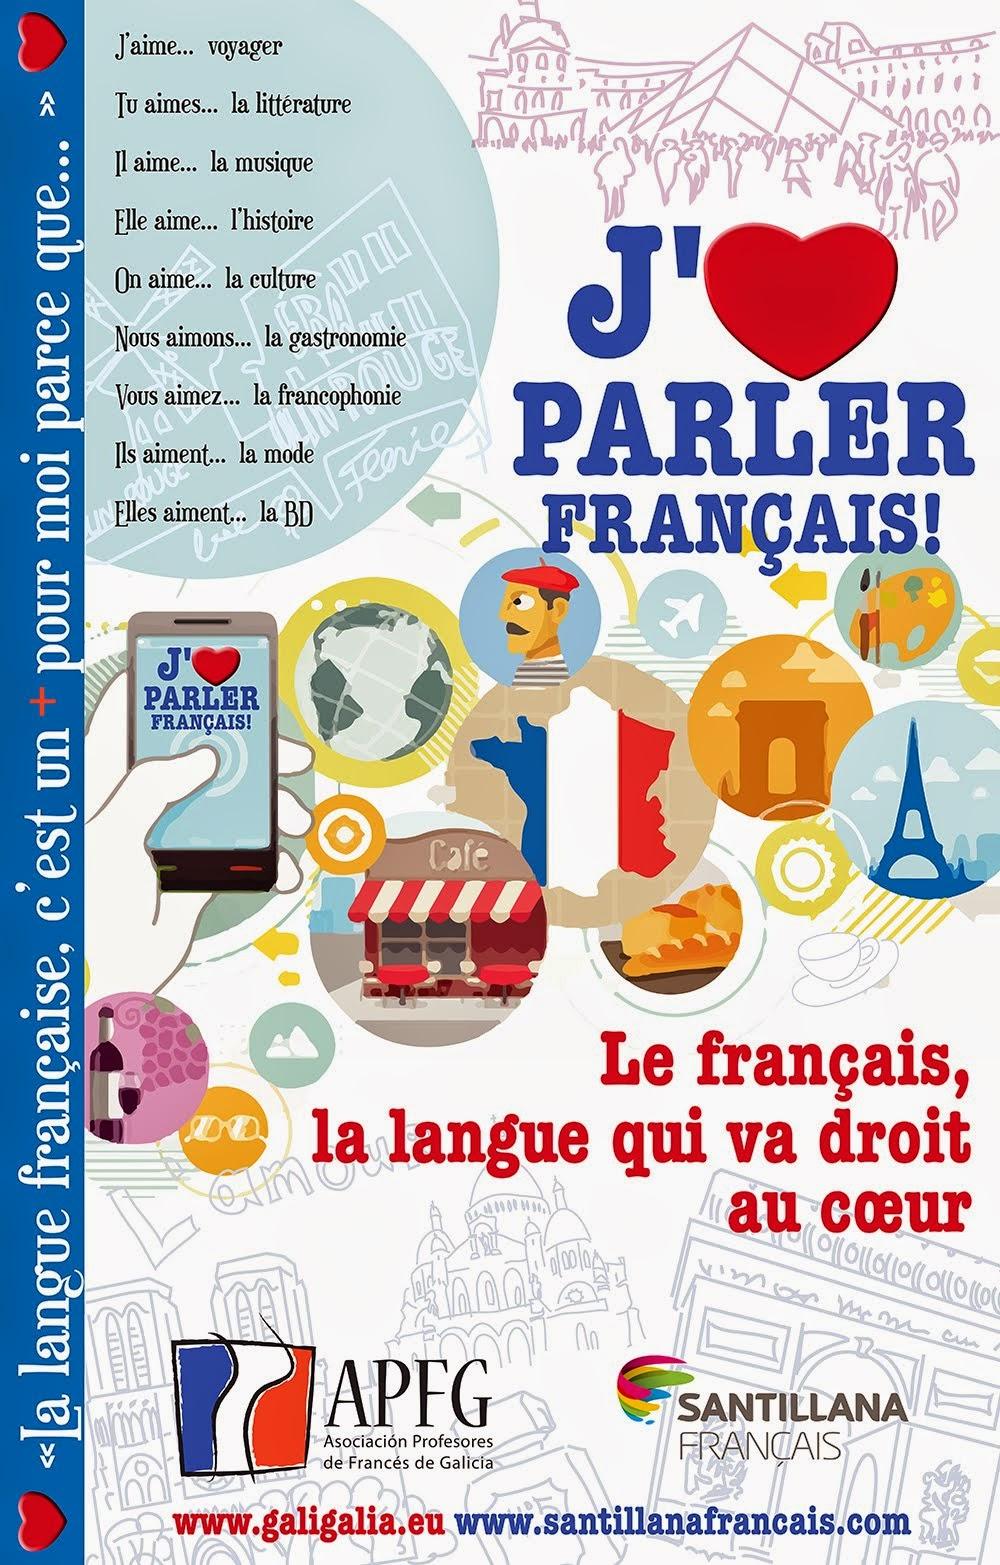 En français, droit au cœur!